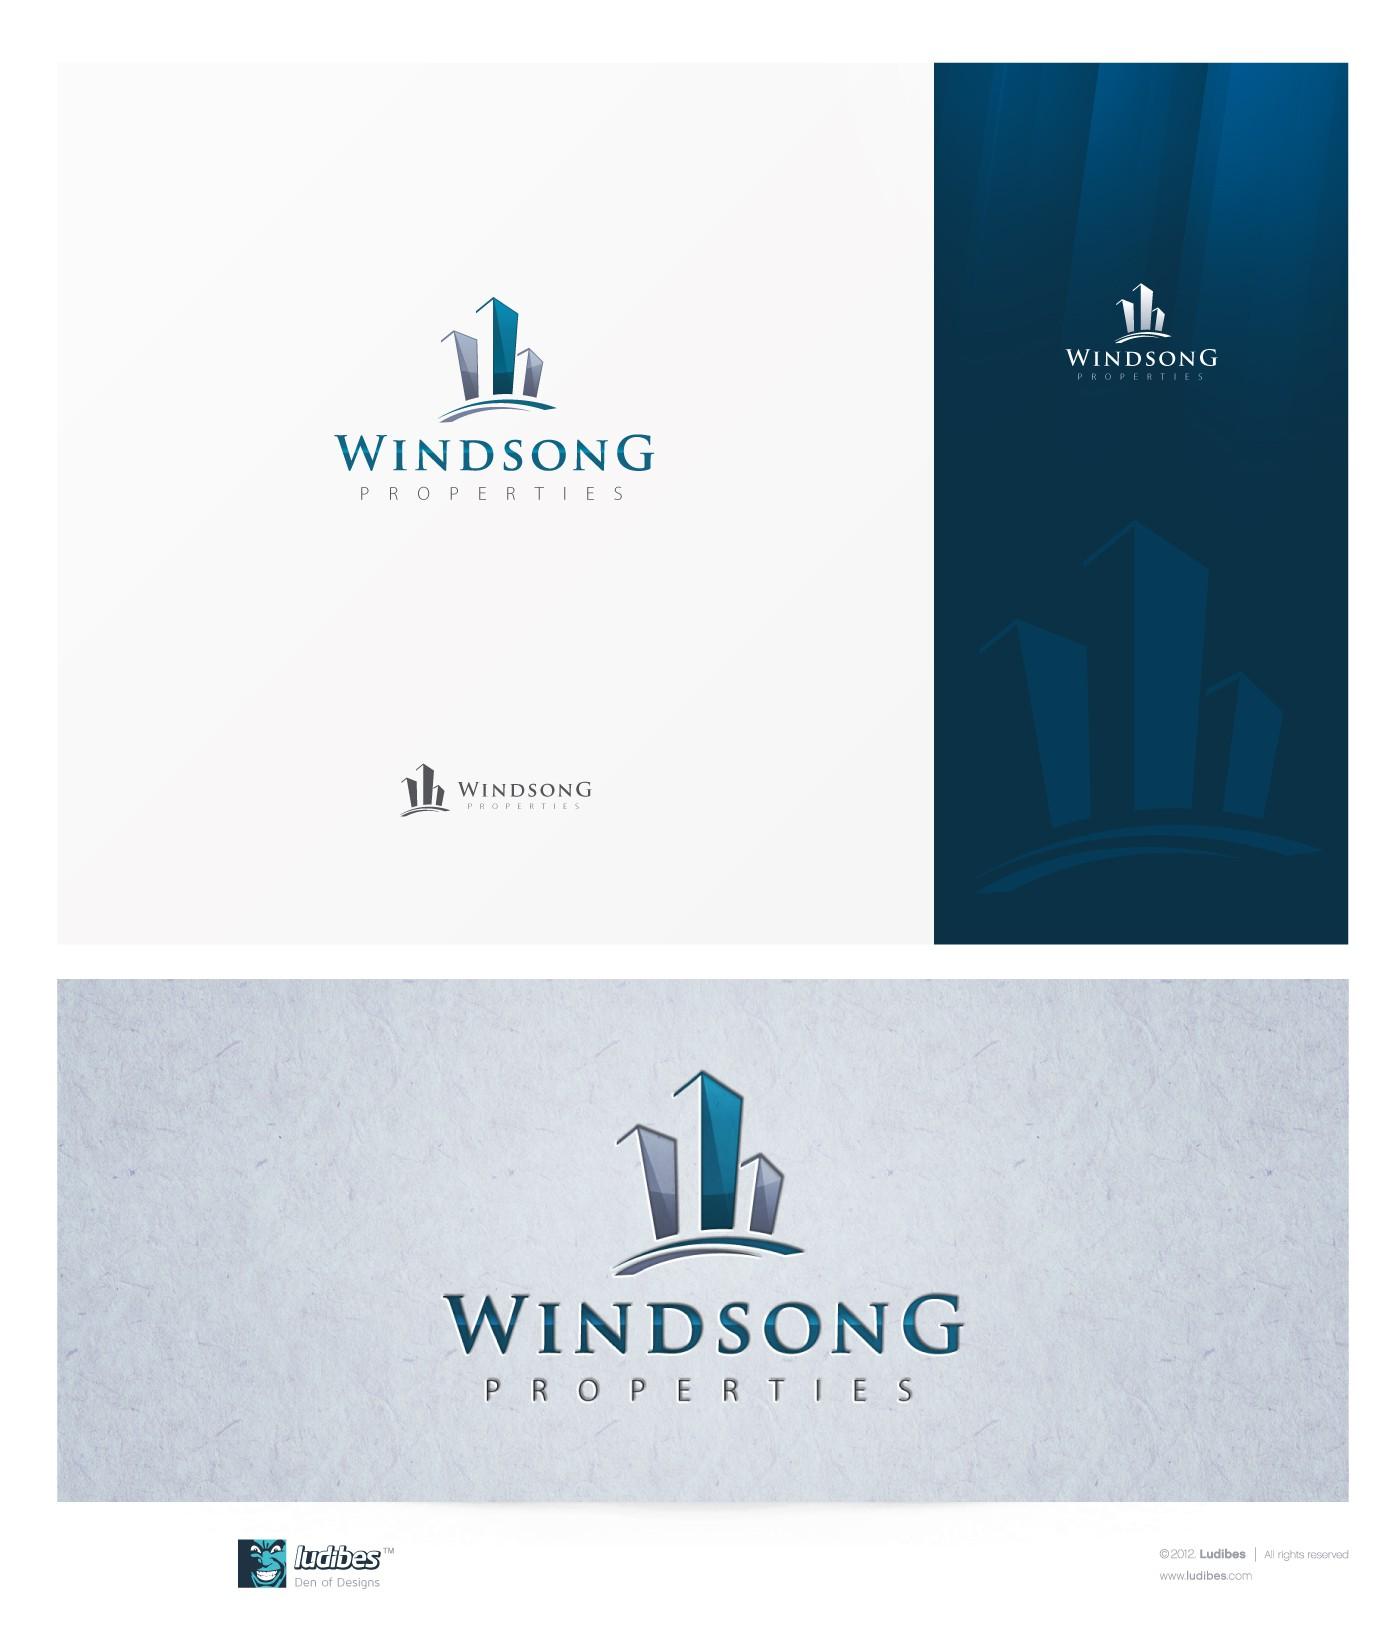 Windsong Properties needs a new logo